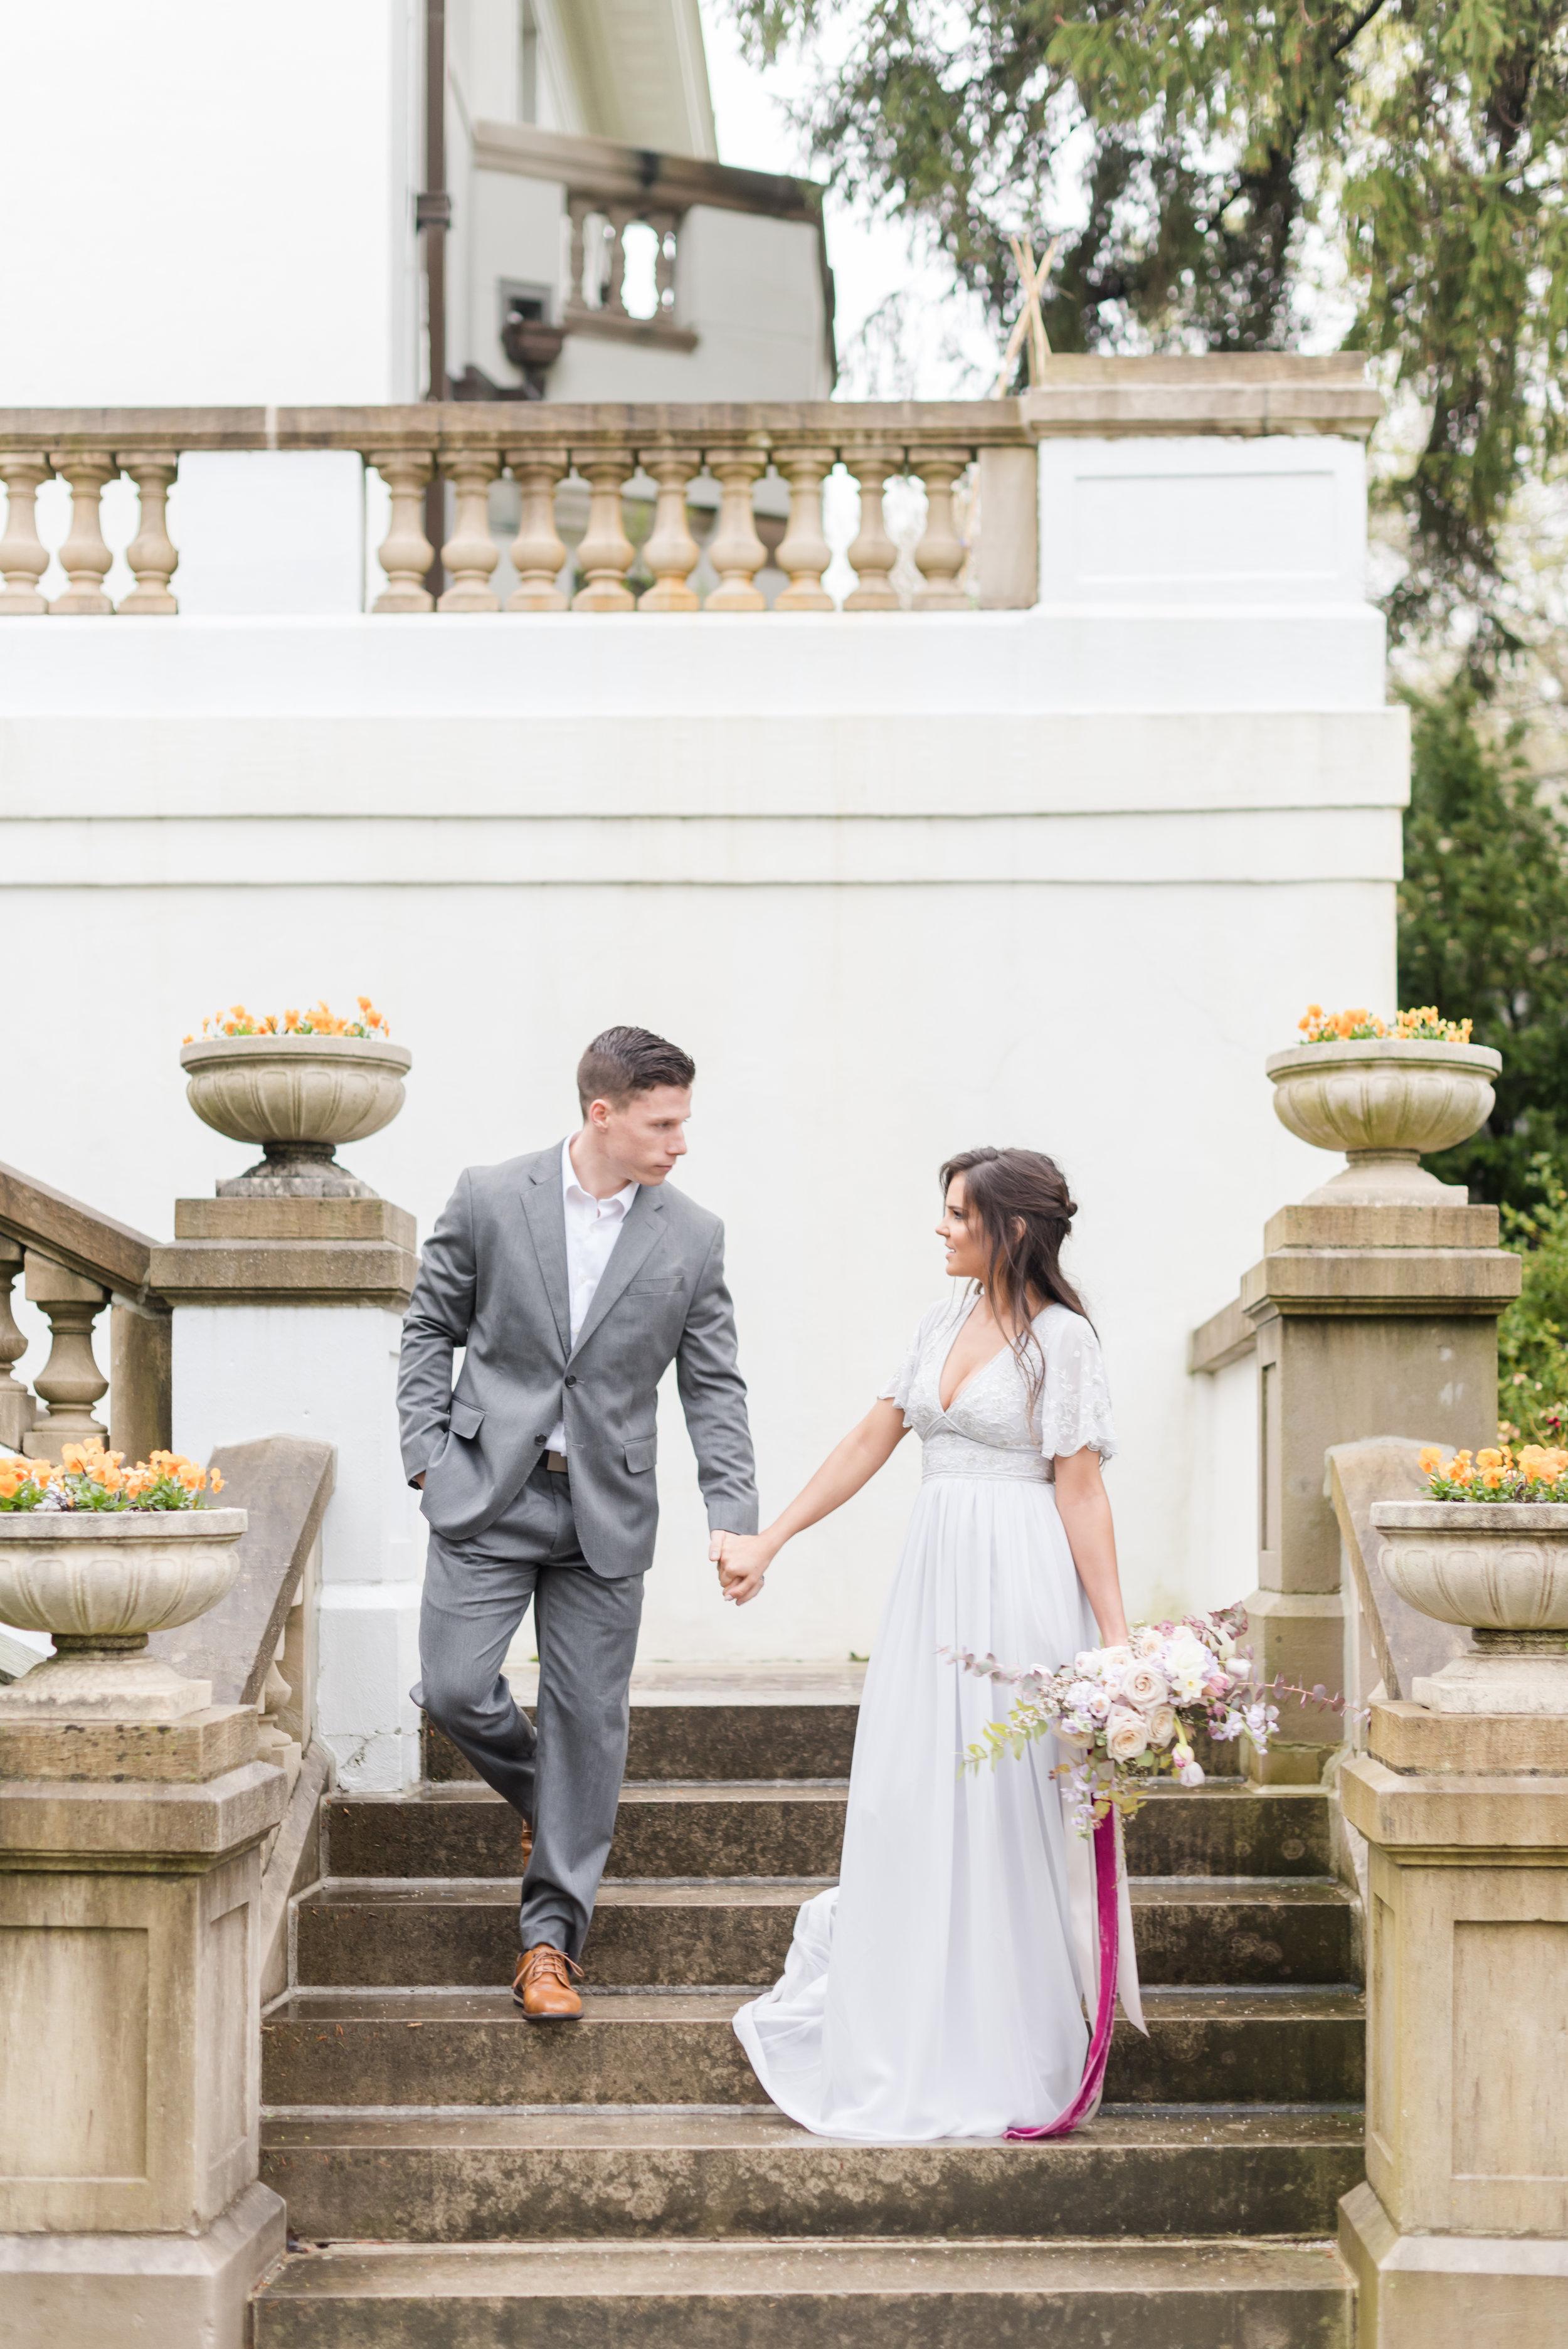 Top 10 Wedding Venues in Indianapolis